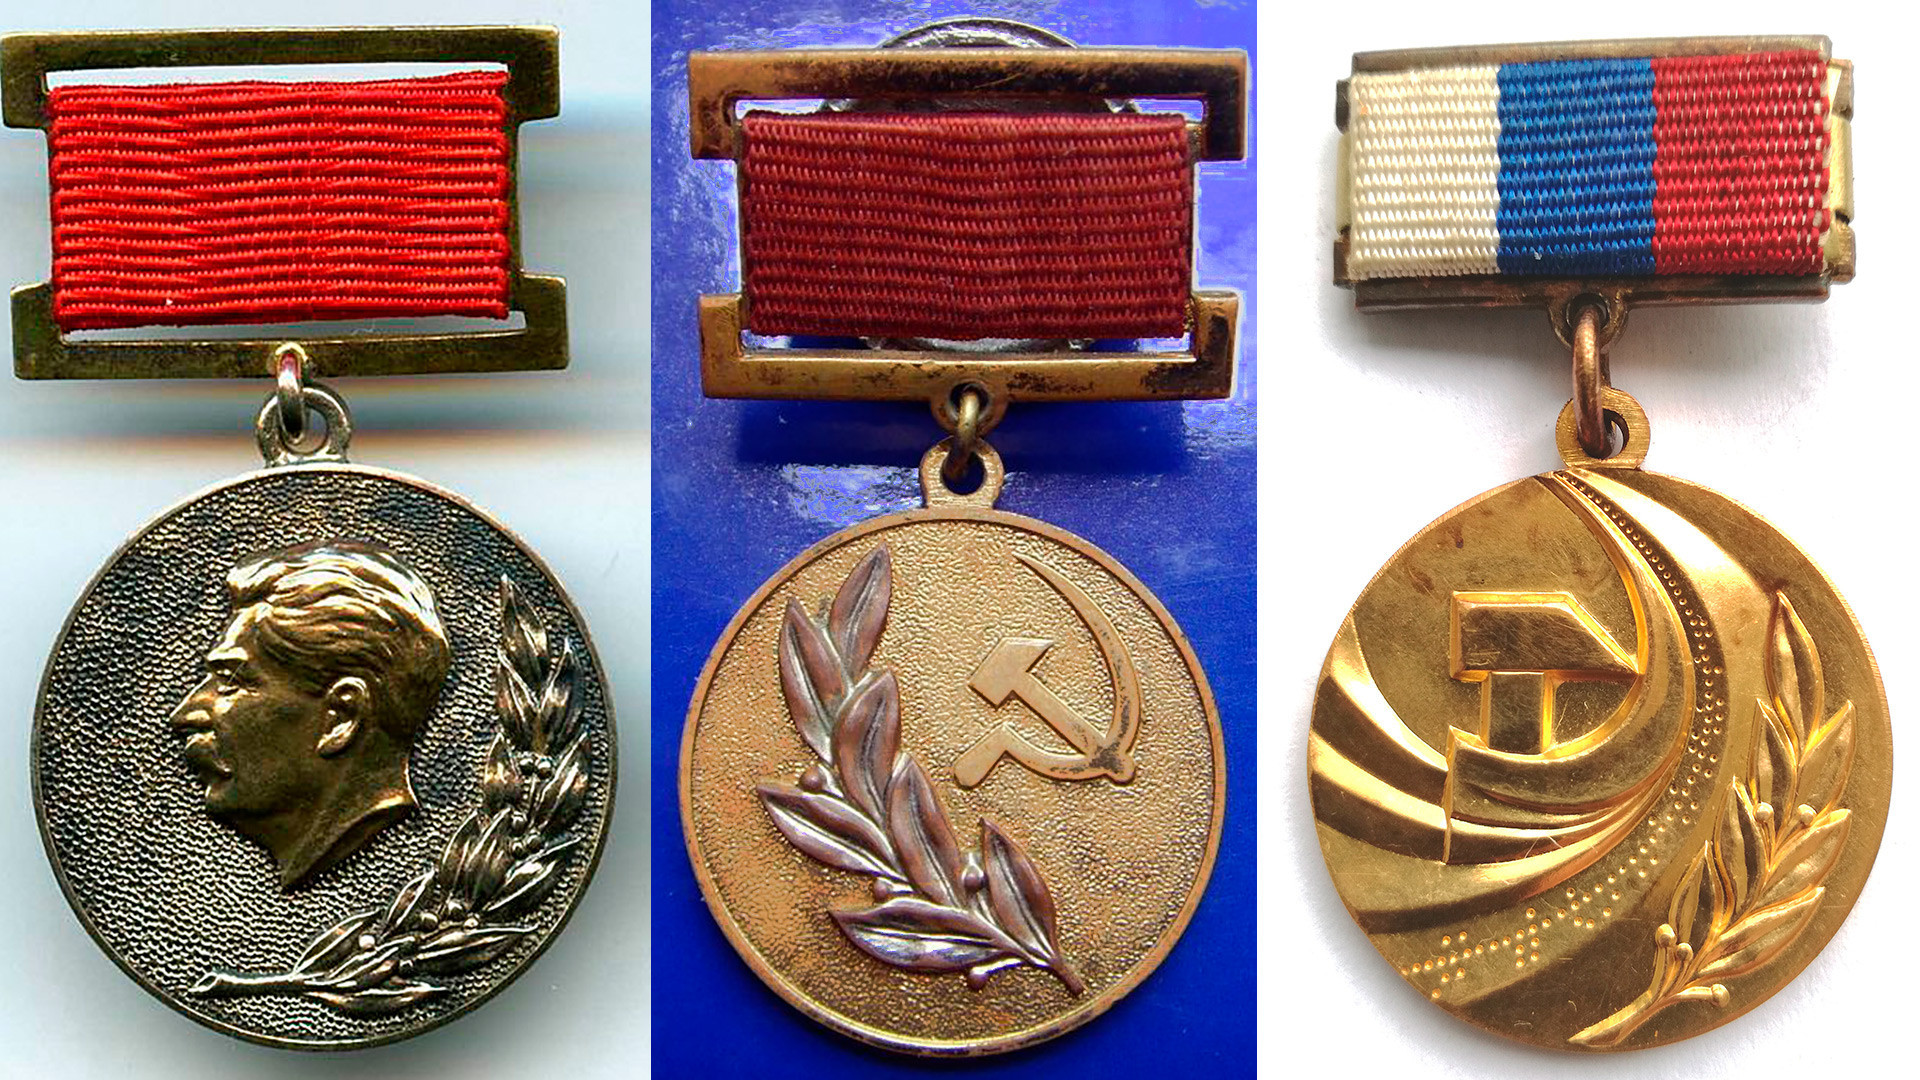 Medali Penghargaan Negara dari Uni Soviet era Stalin hingga Rusia modern.